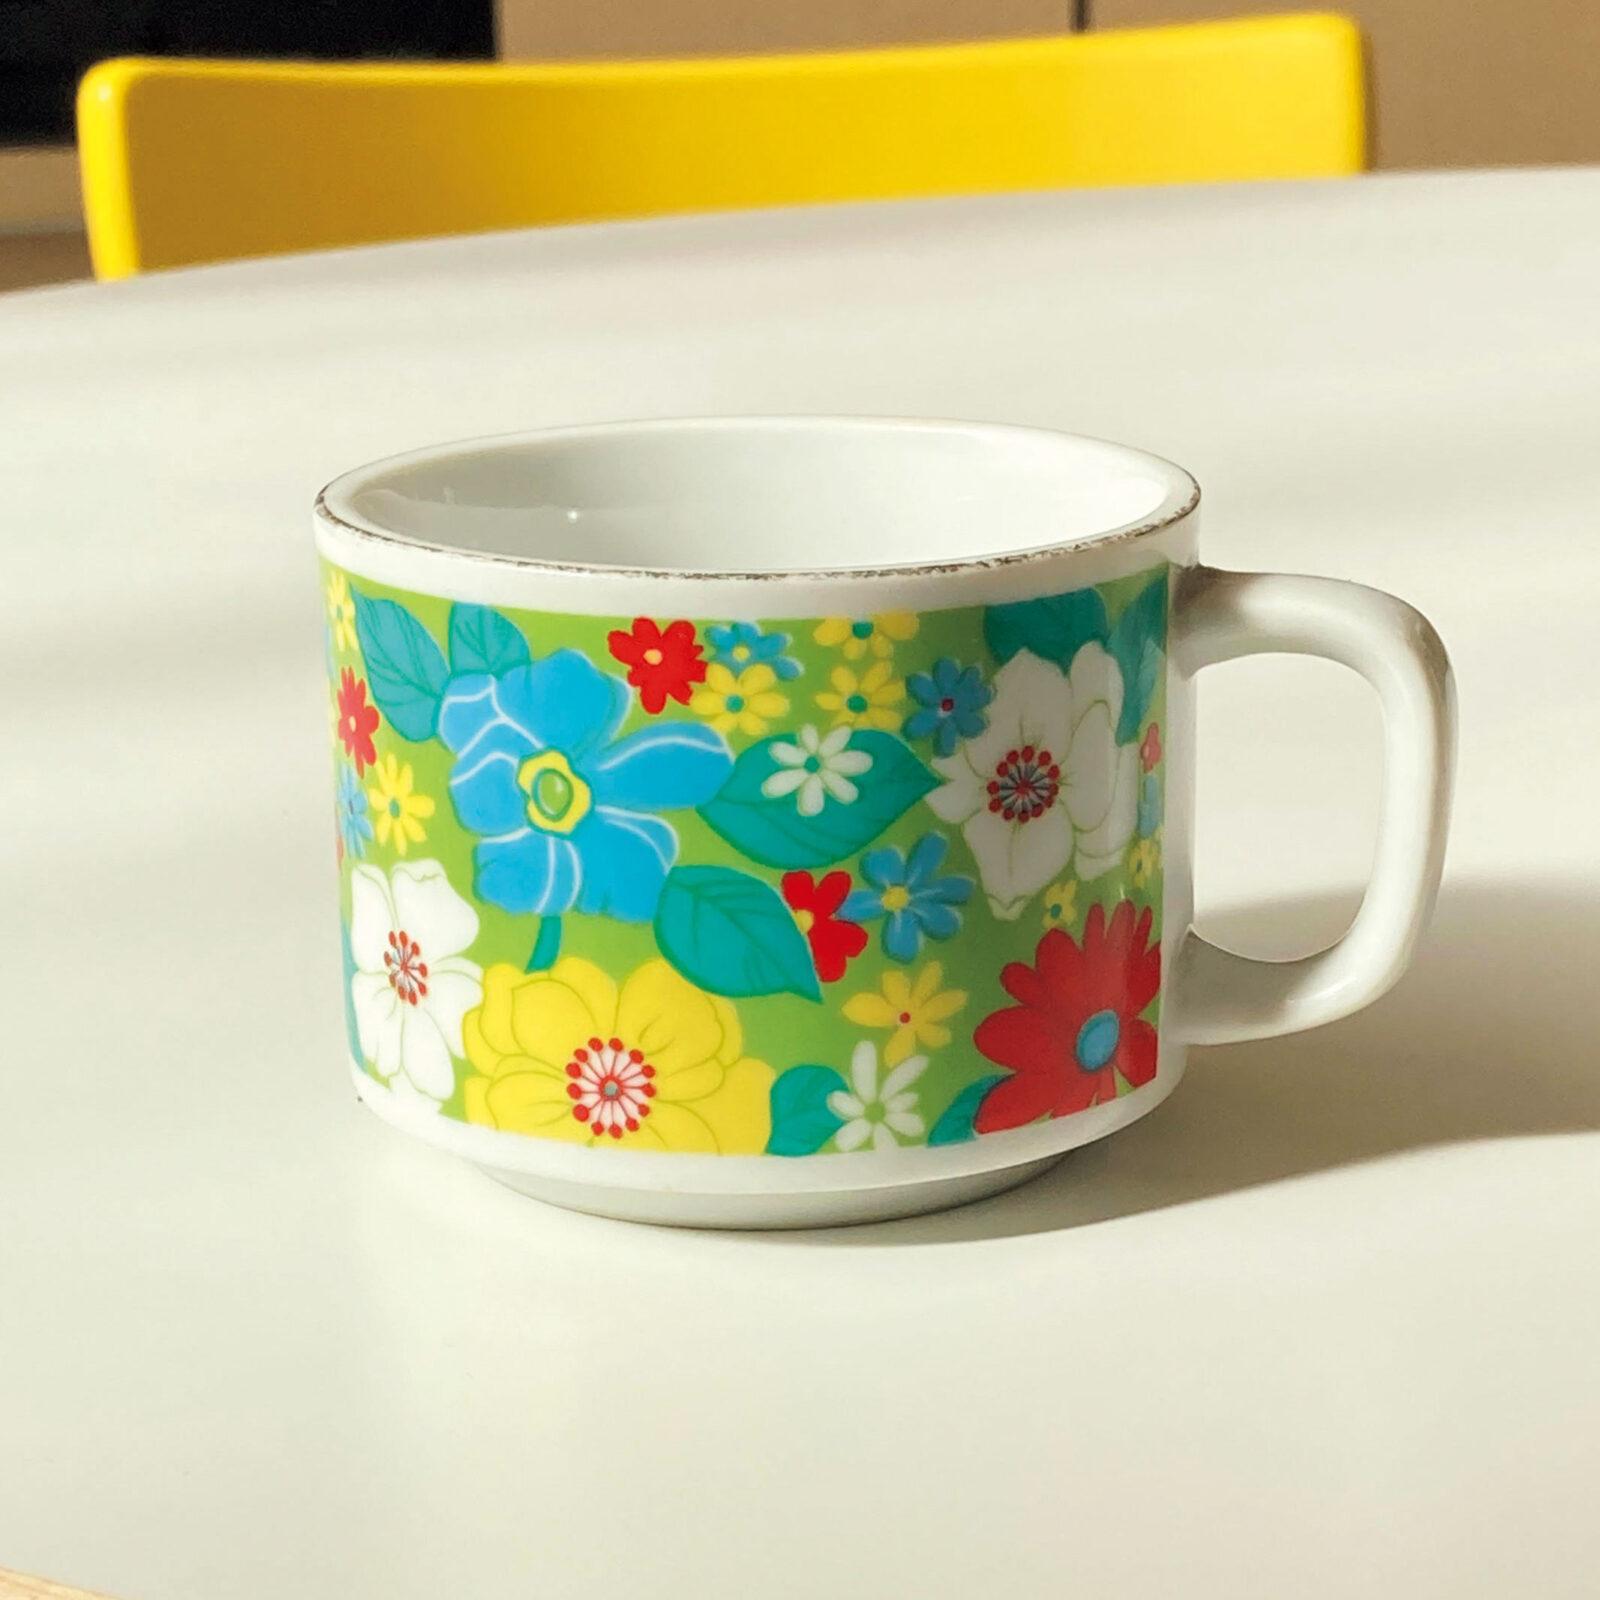 DJみそしるとMCごはん(ミュージシャン)祖父母の家にあったカップを、上京する時に譲ってもらいました。子供の頃、祖父母の家に泊まった日の朝ご飯は、これであったかいカップスープを飲むのがお決まりだったな。